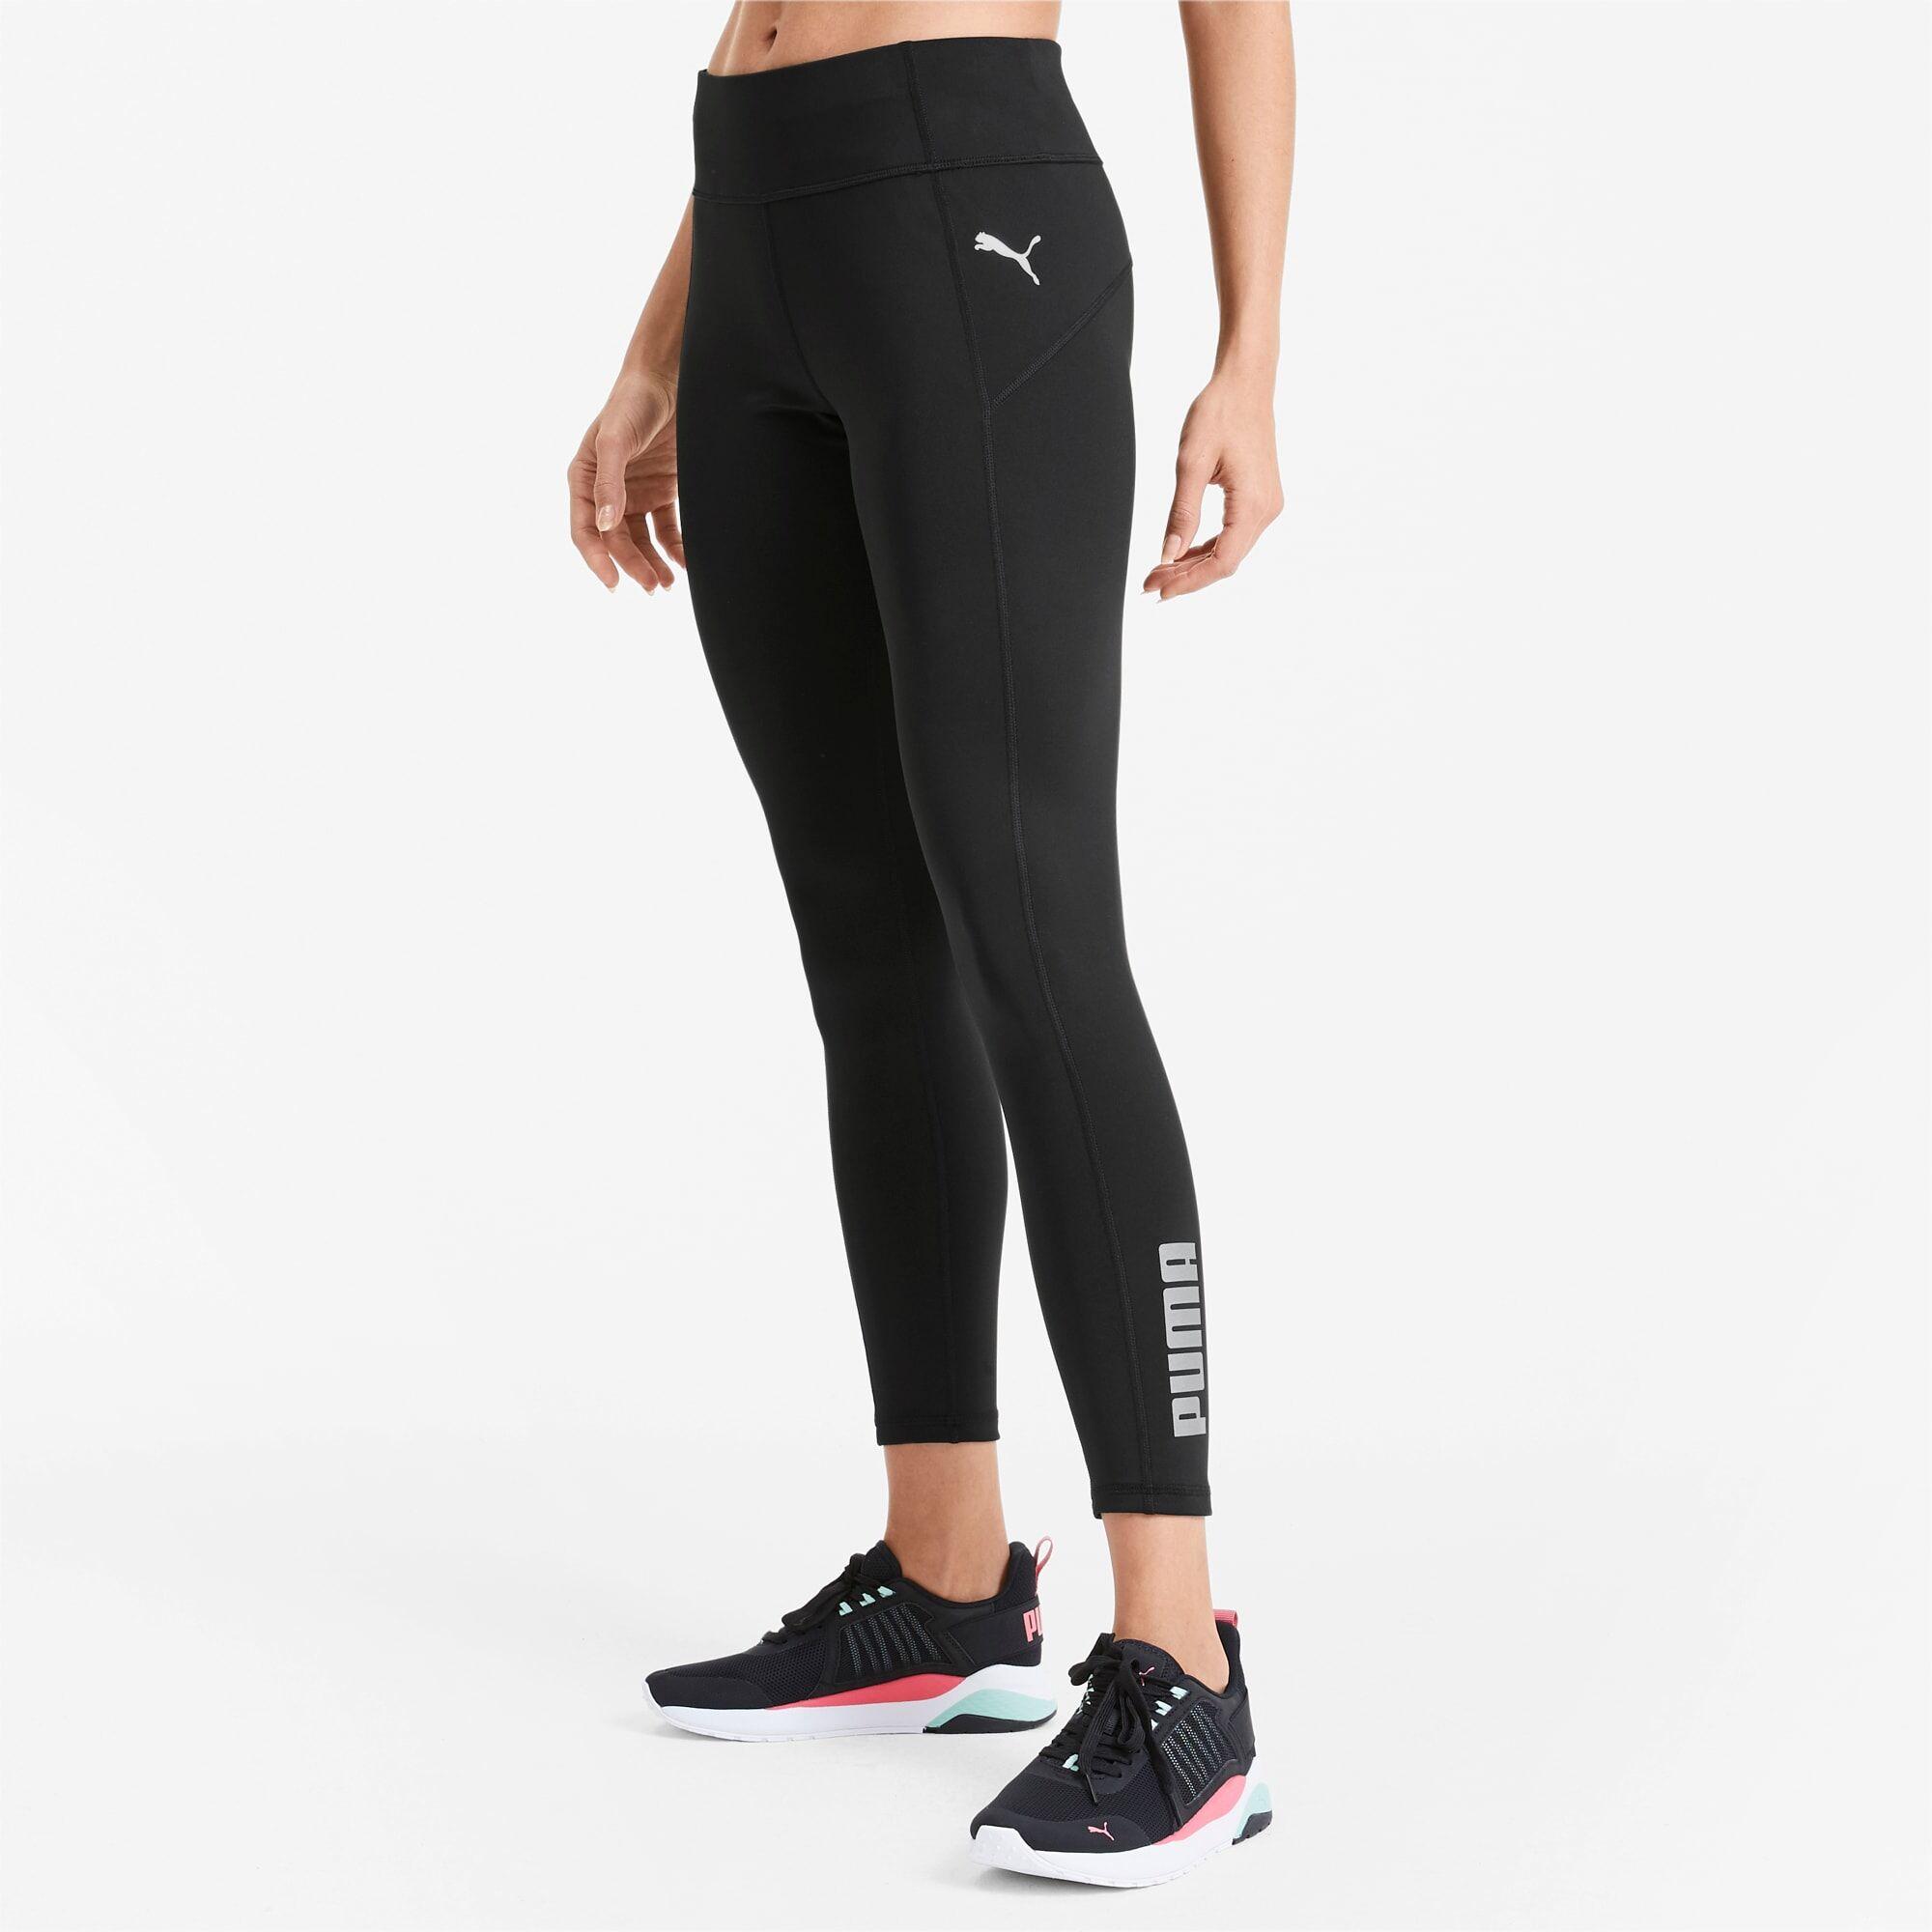 PUMA Collant Polyester Training pour Femme, Noir, Taille M, Vêtements